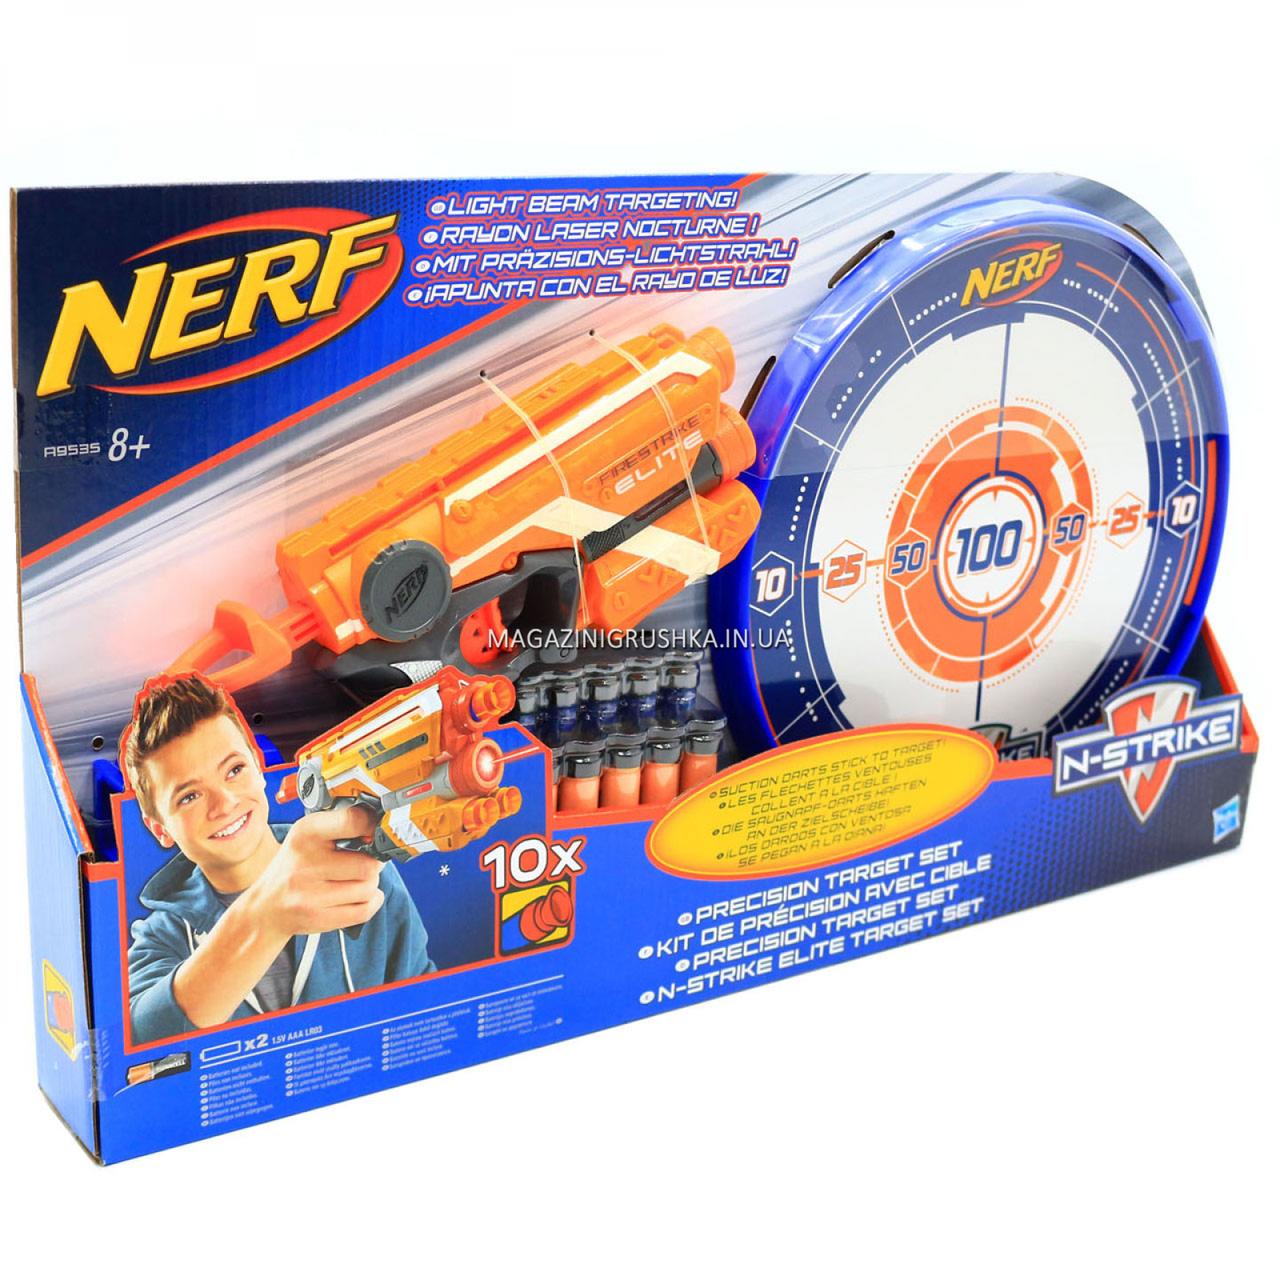 Игрушечное оружие Hasbro Nerf Элит Файрстрайк и Мишень (A9535)